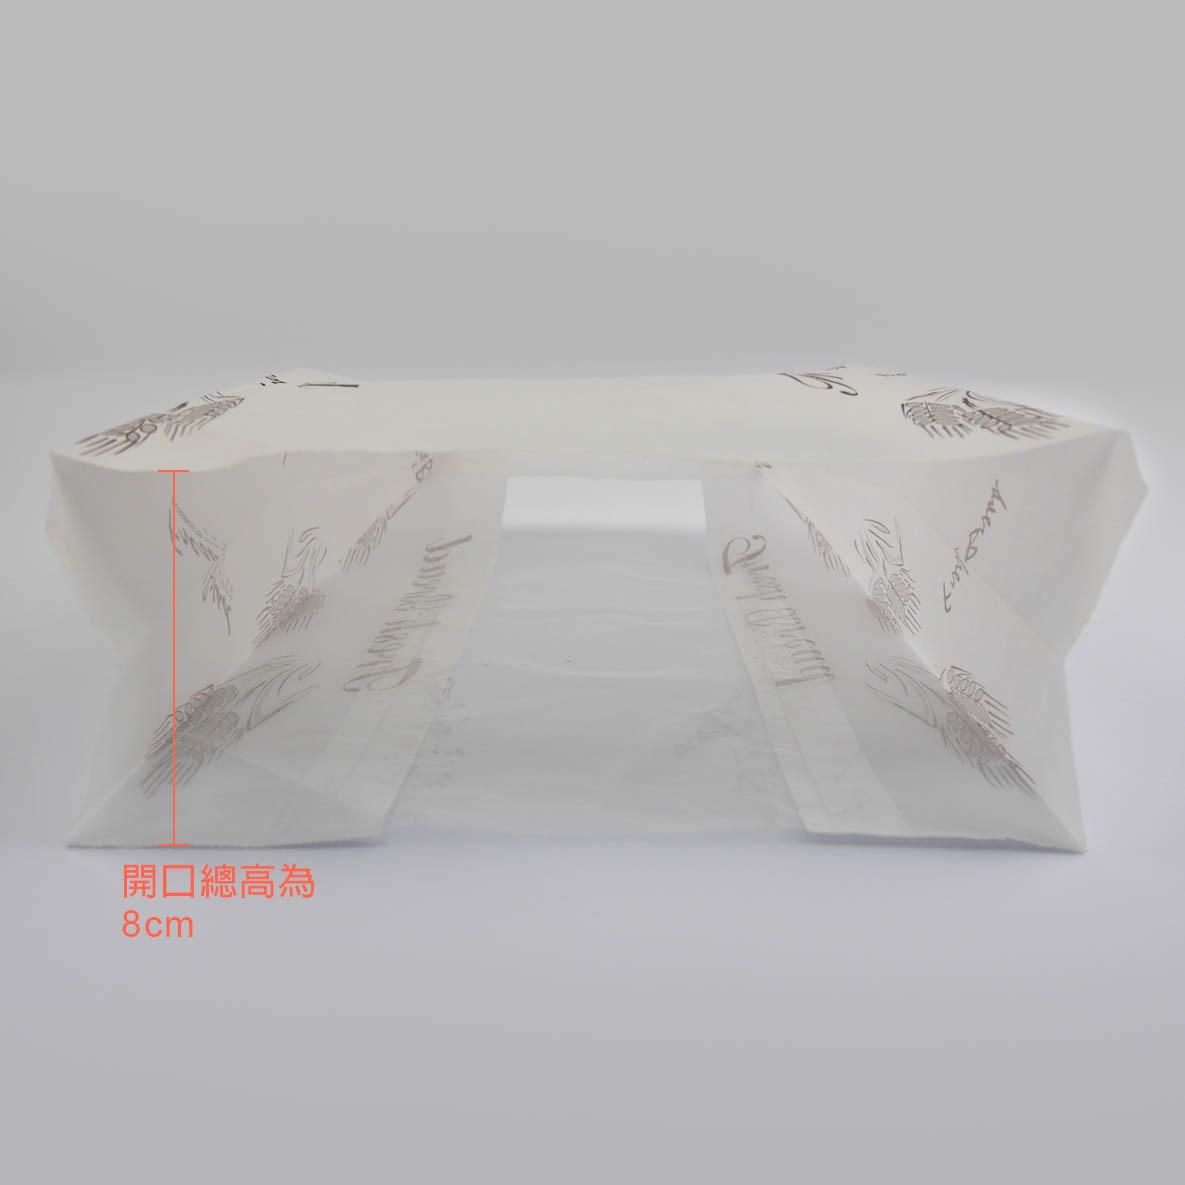 《袋袋相傳》A7 烘焙包裝-麥穗麵包開窗大袋3.jpg